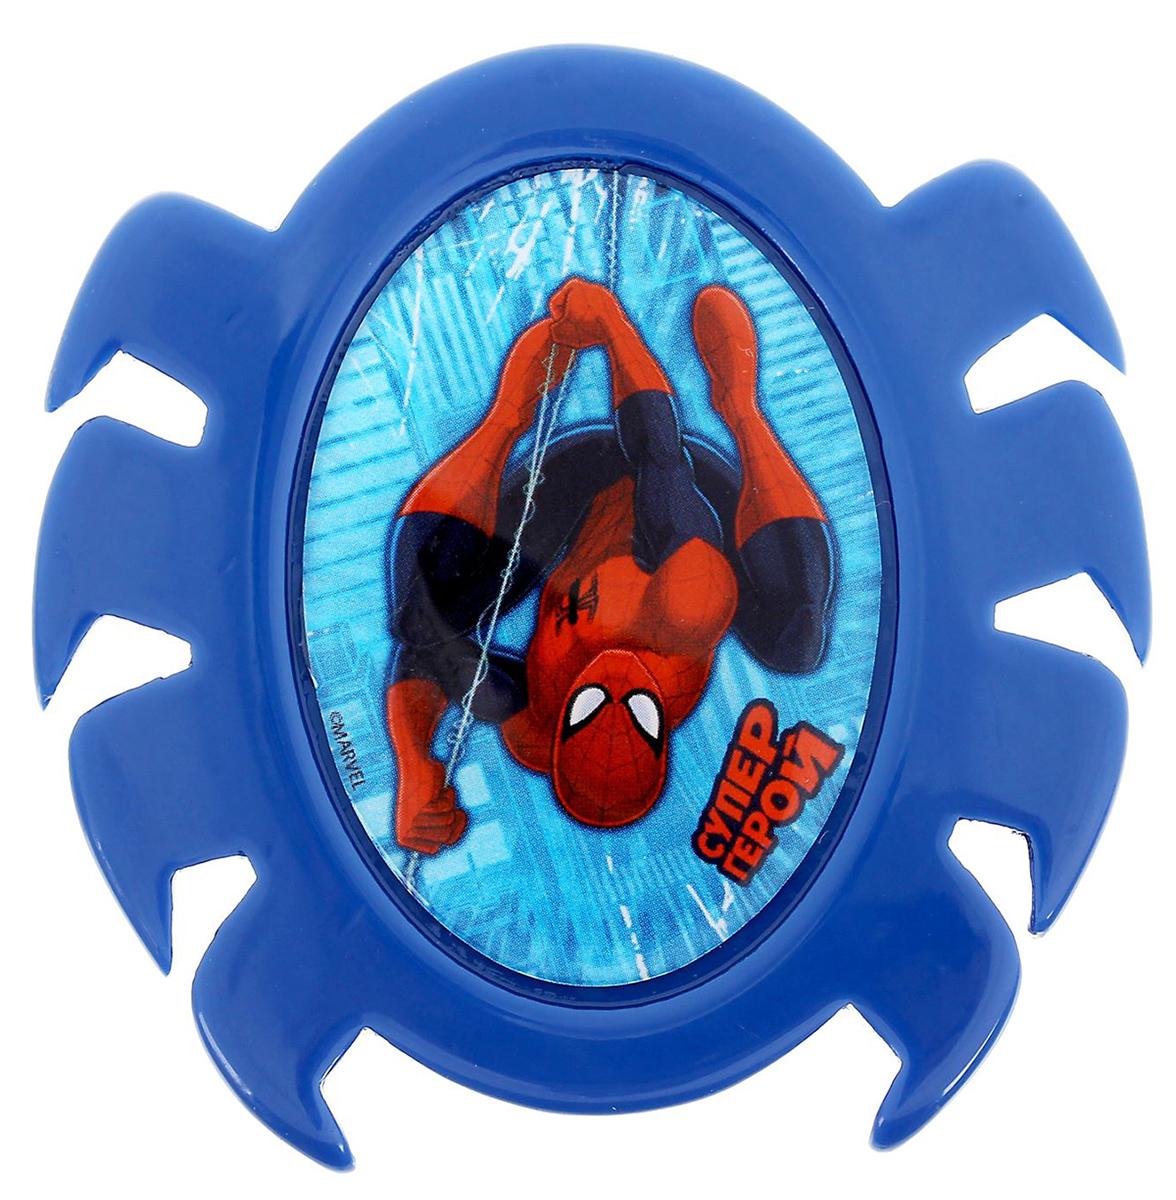 Магнит-рамка Marvel Человек Паук. Супер-герой. 12568681256868Дарите радость с Disney Удивите малышей уникальным сувениром с любимым персонажем! Такой магнитик порадует ребёнка стильным дизайном и ярким исполнением. Красочный акриловый магнит будет долгие годы украшать холодильник или другую металлическую поверхность. Изделие дополнено оригинальной открыткой, где можно написать тёплые слова и сделать маленький подарок более личным. Соберите коллекцию аксессуаров с любимыми героями!